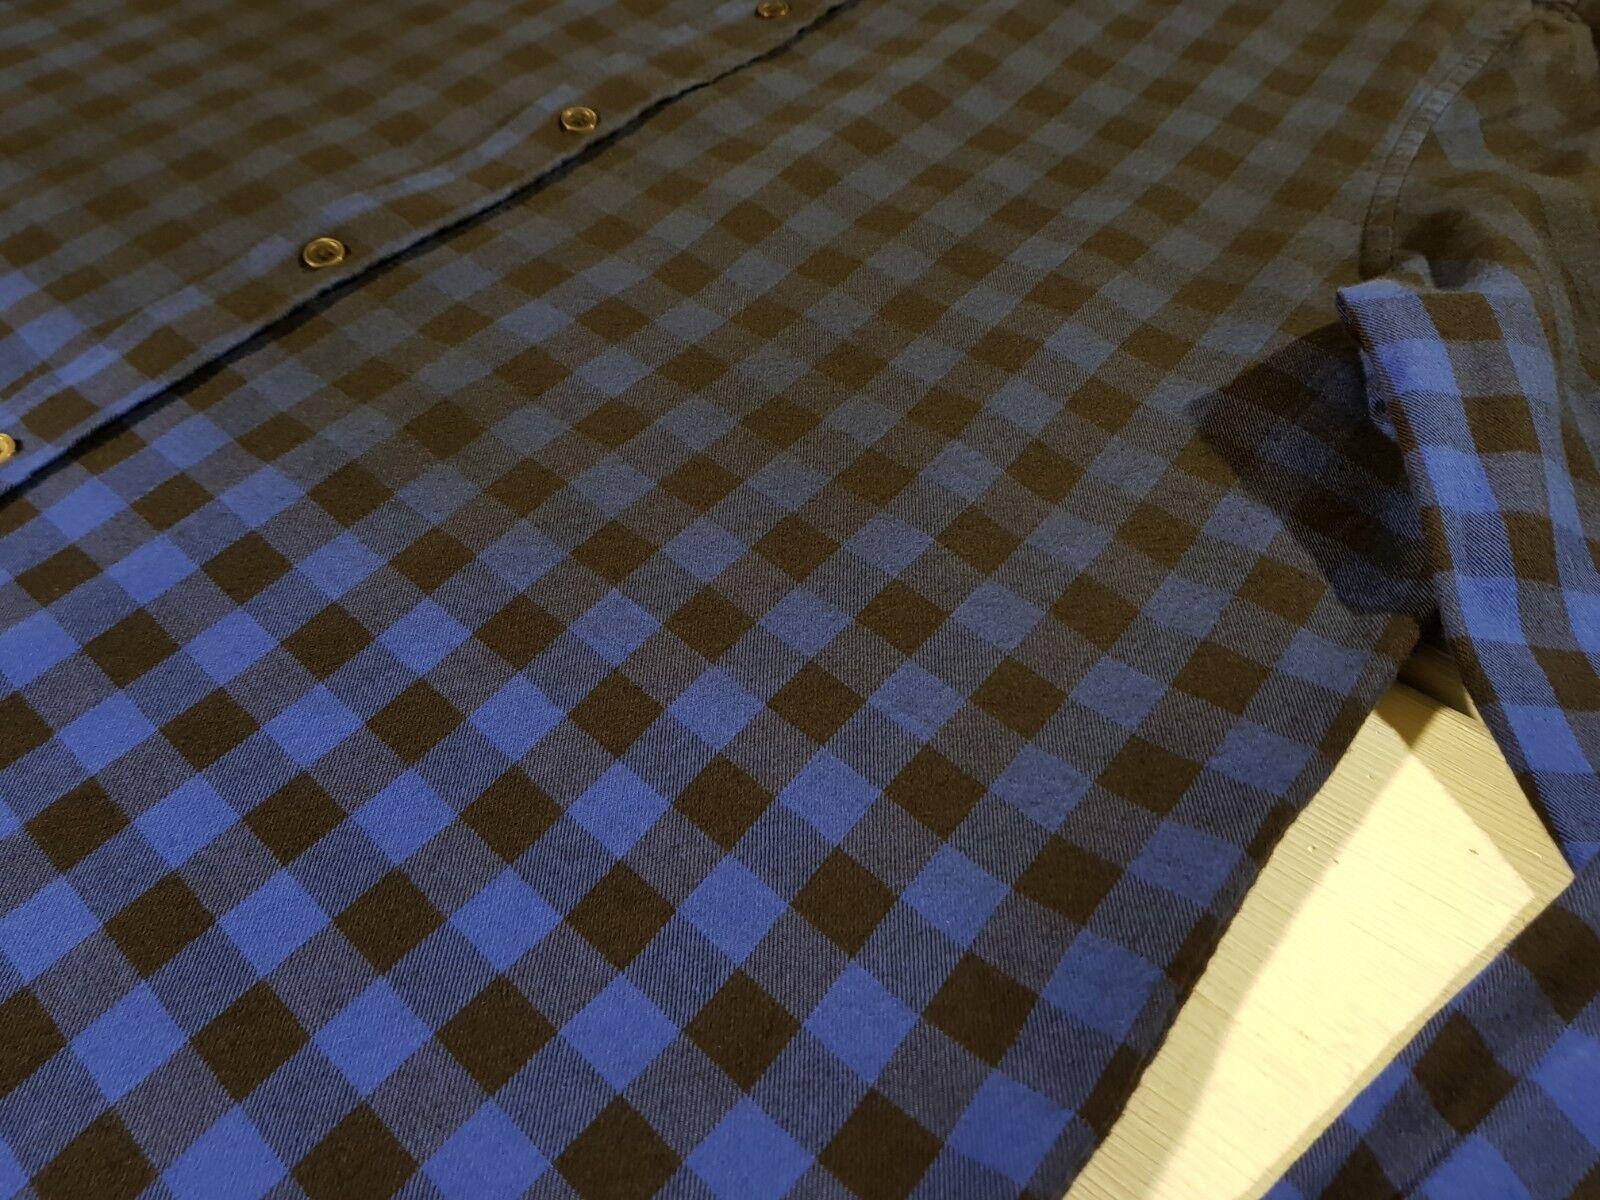 Neu My Twin Twinset HERREN Hemden Größe XXL Camicia Bic Bic Bic Blau Freizeit Knöpfe     | Preiszugeständnisse  8d3b56